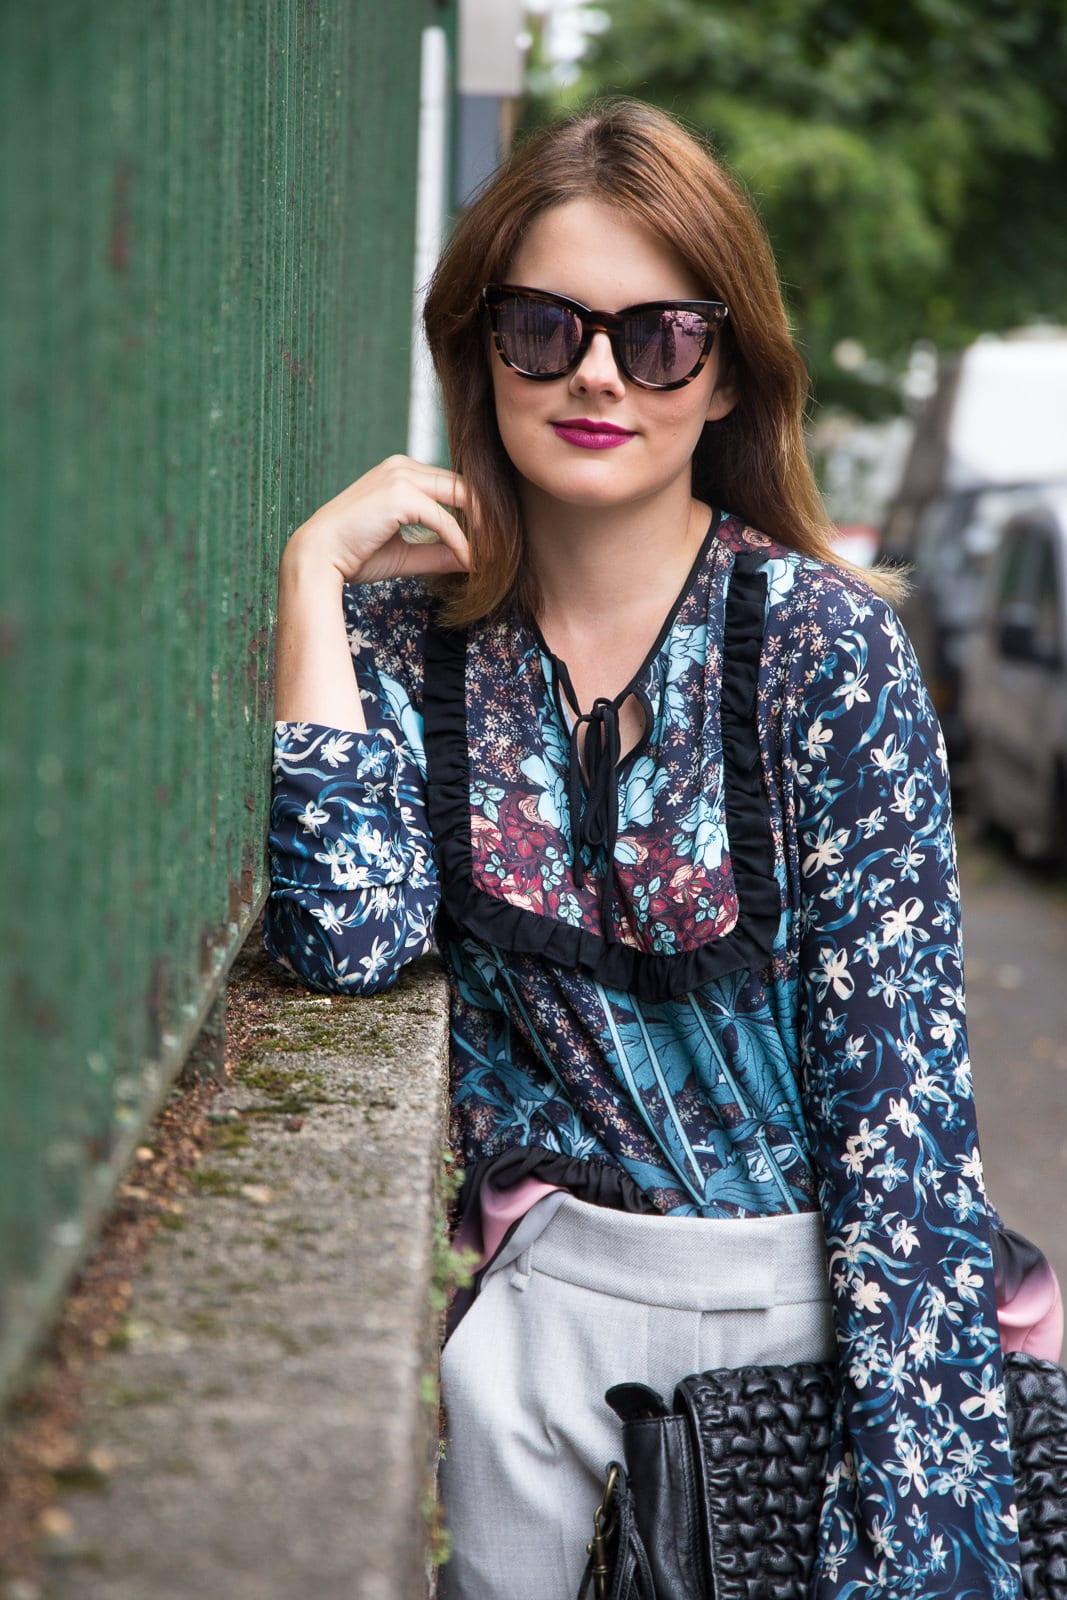 culottes-im-herbst-clover-canyon-bluse-le-specs-sonnenbrille-mime-et-moi-heels-fashion-blog-cologne-des-belles-choses 4